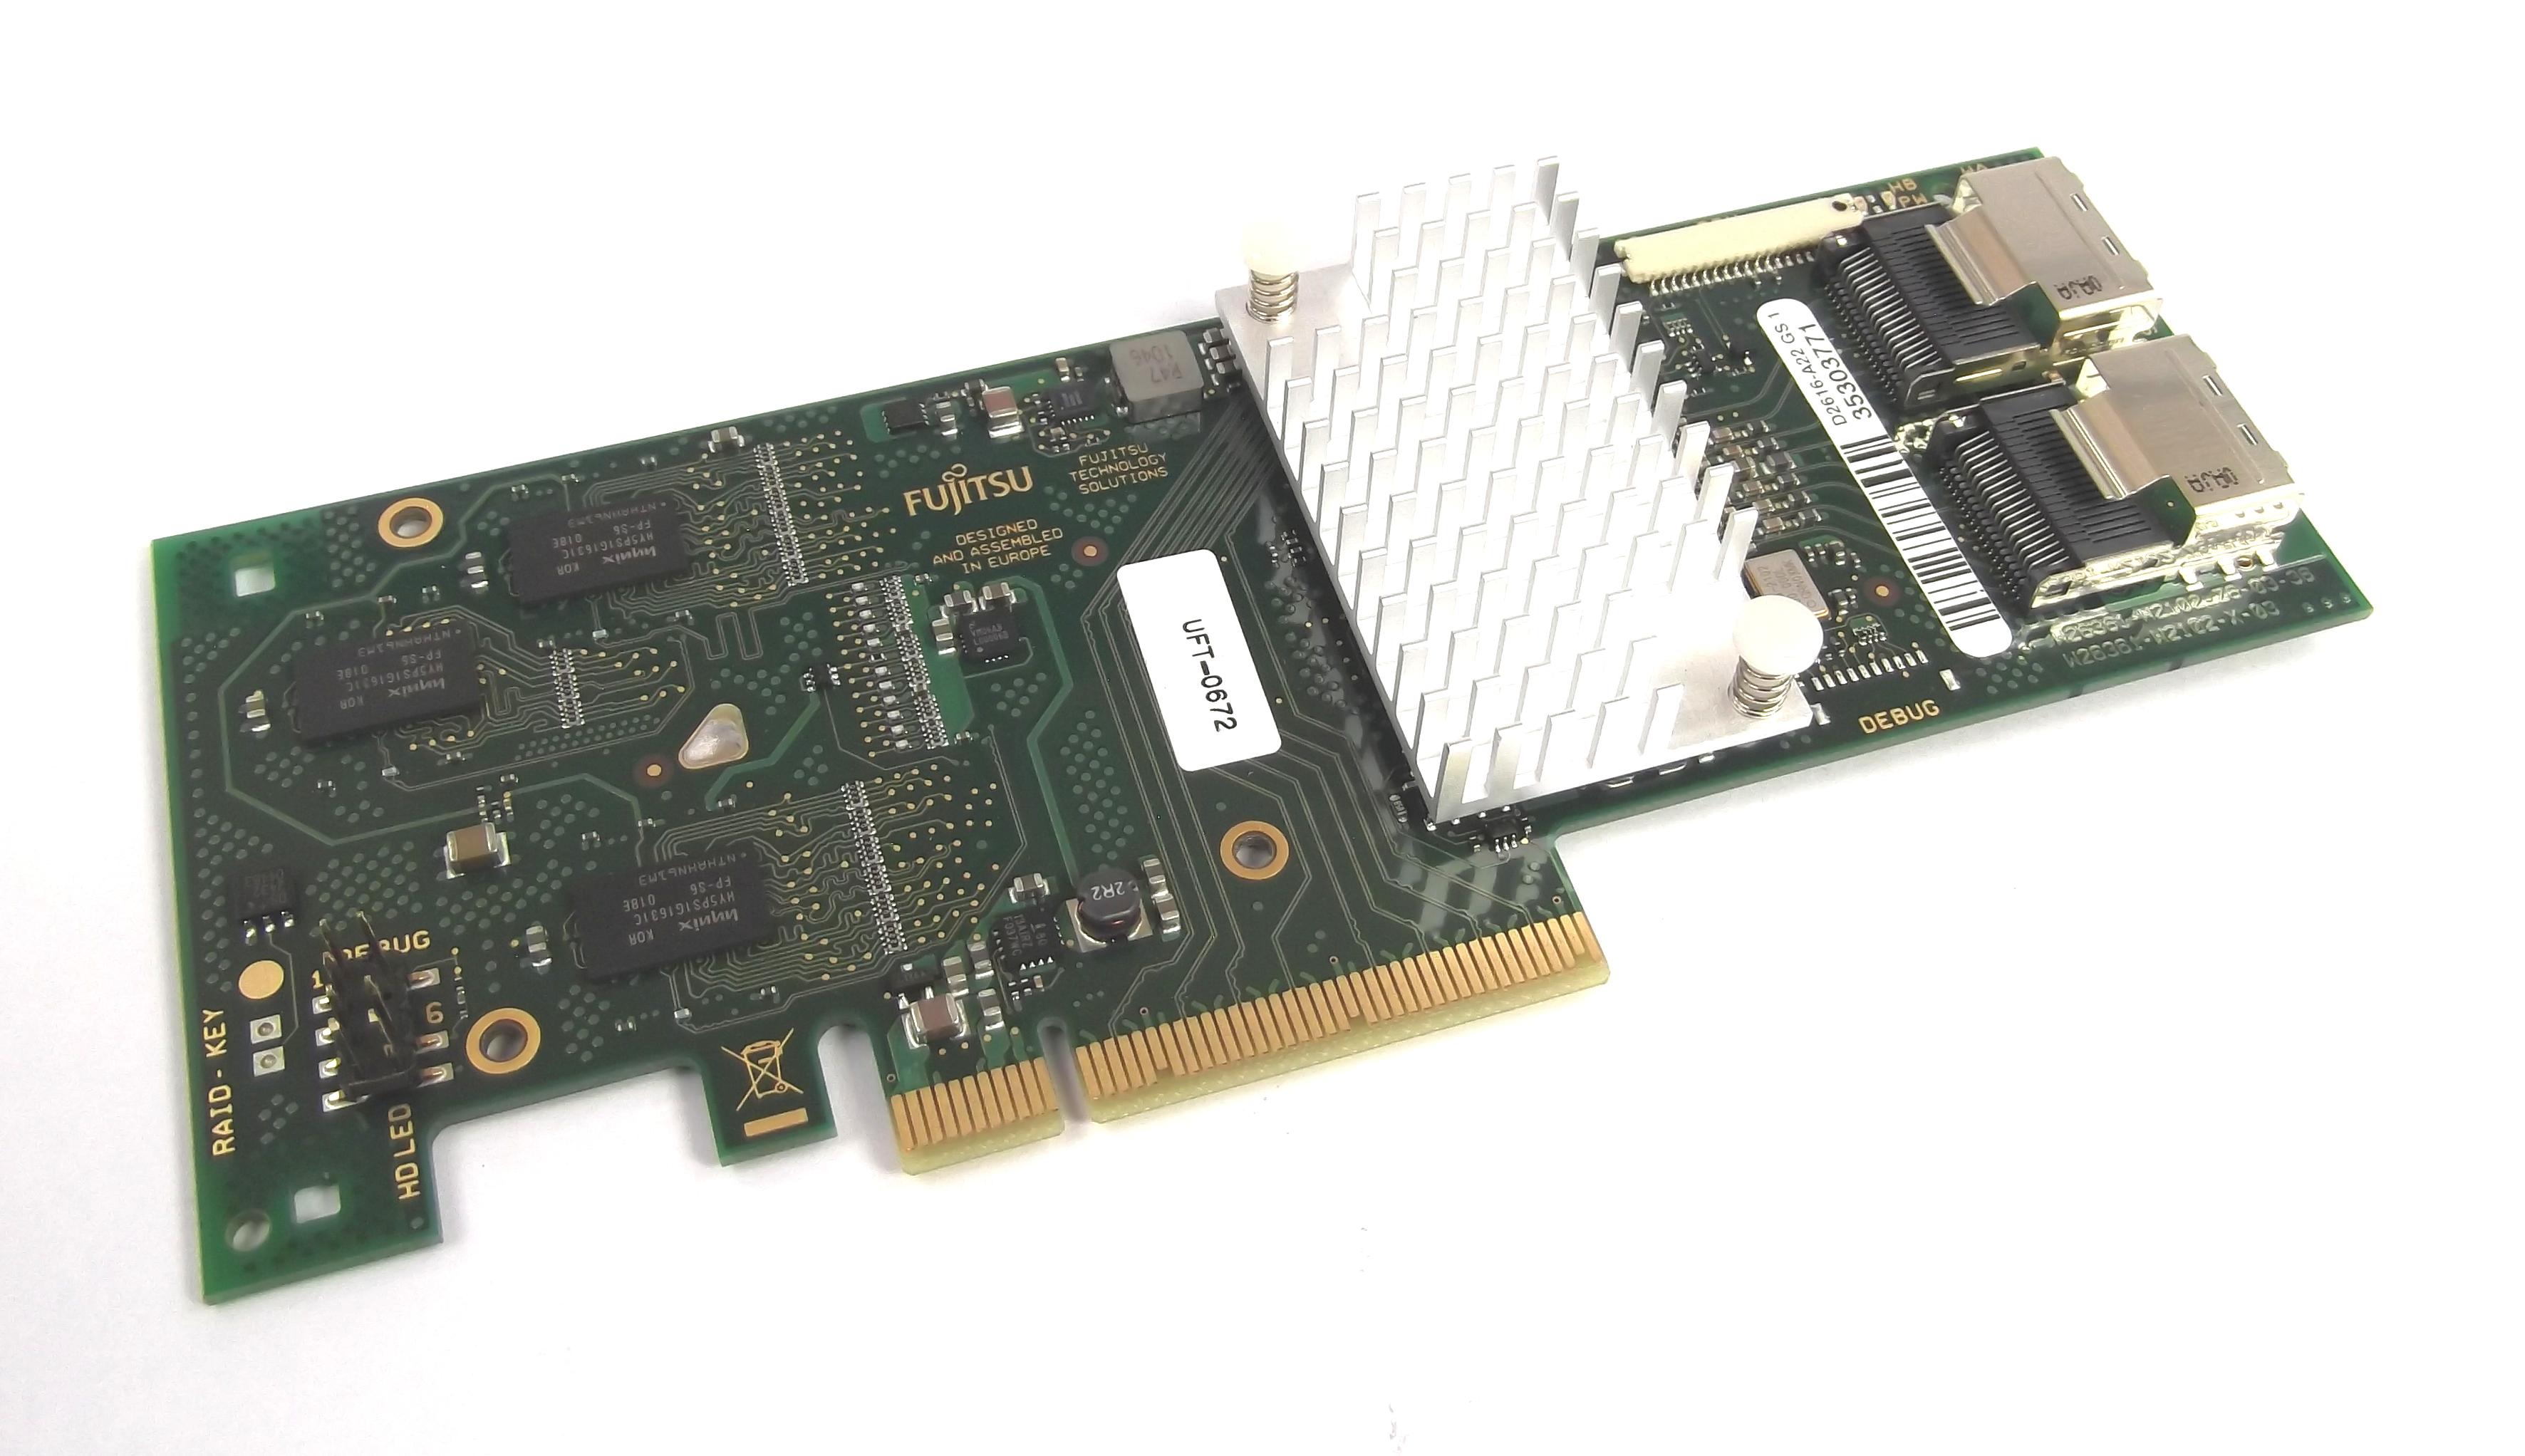 Fujitsu D2616-A22 GS 1 PCIe SAS RAID Controller Card - No Bracket